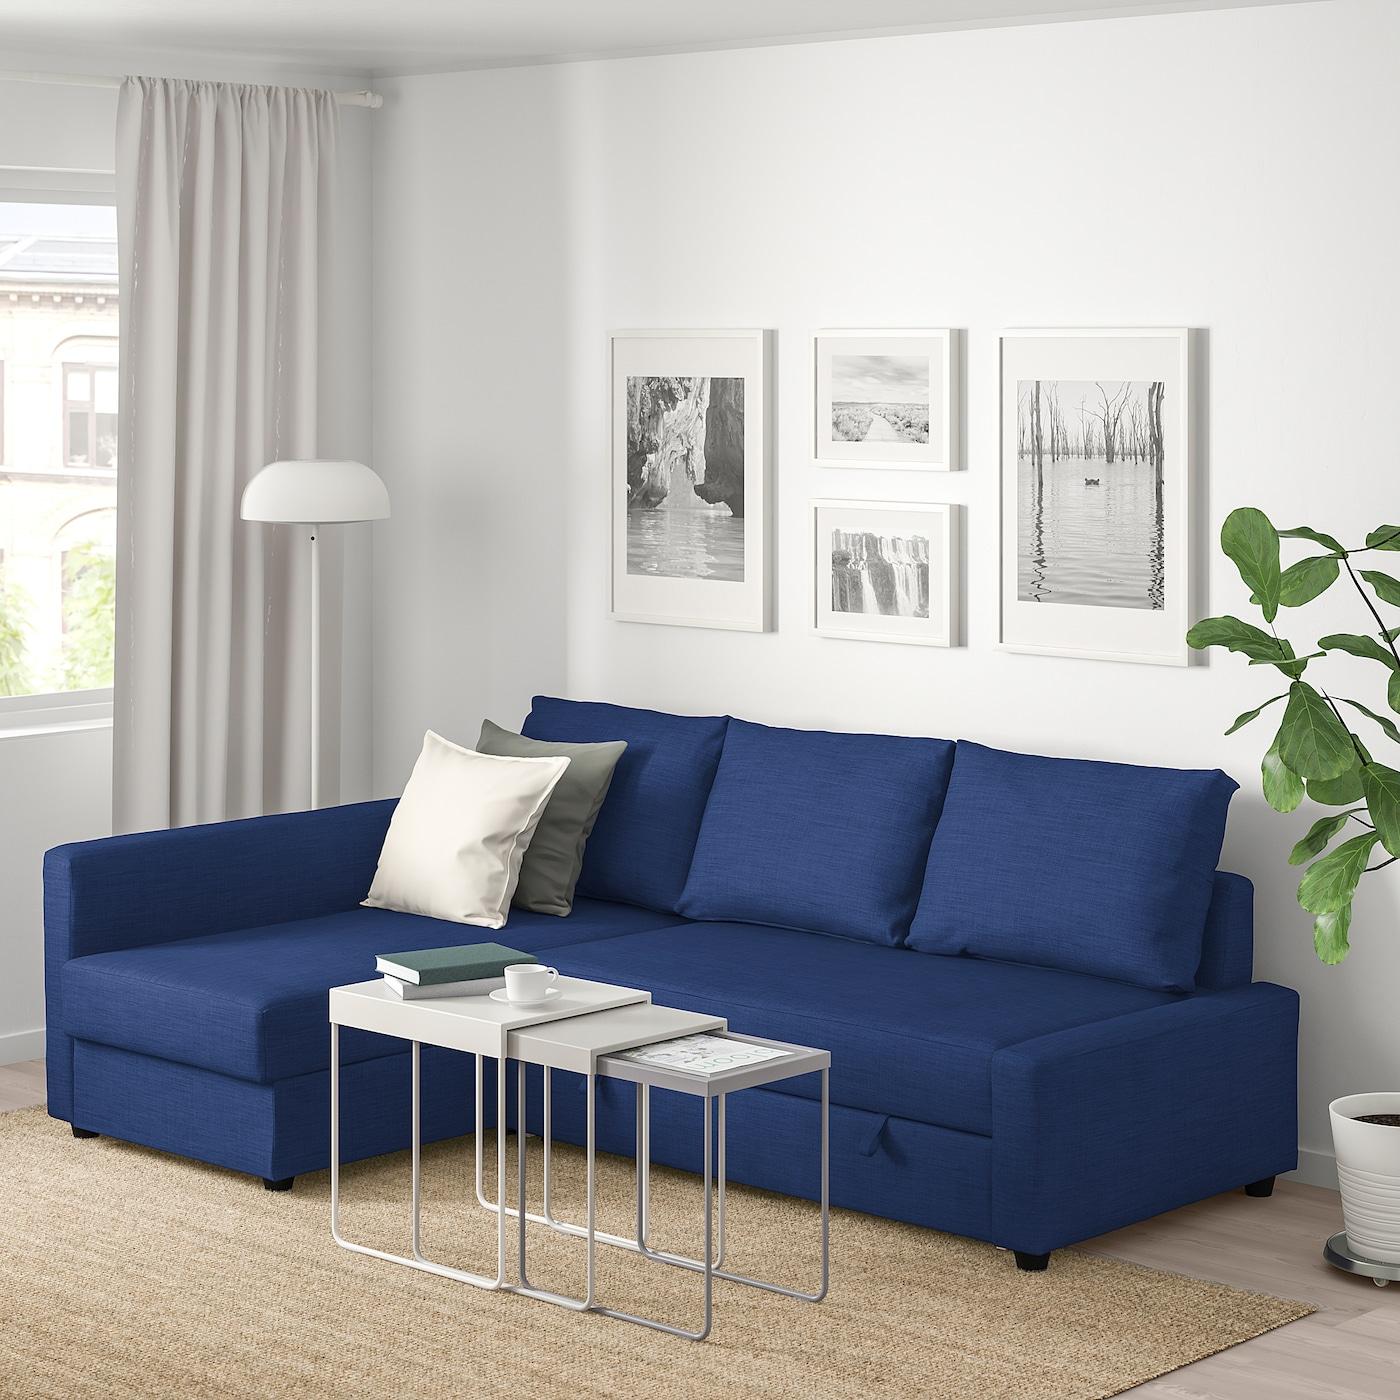 Friheten Hjornesovesofa Med Opbevaring Skiftebo Bla Ikea